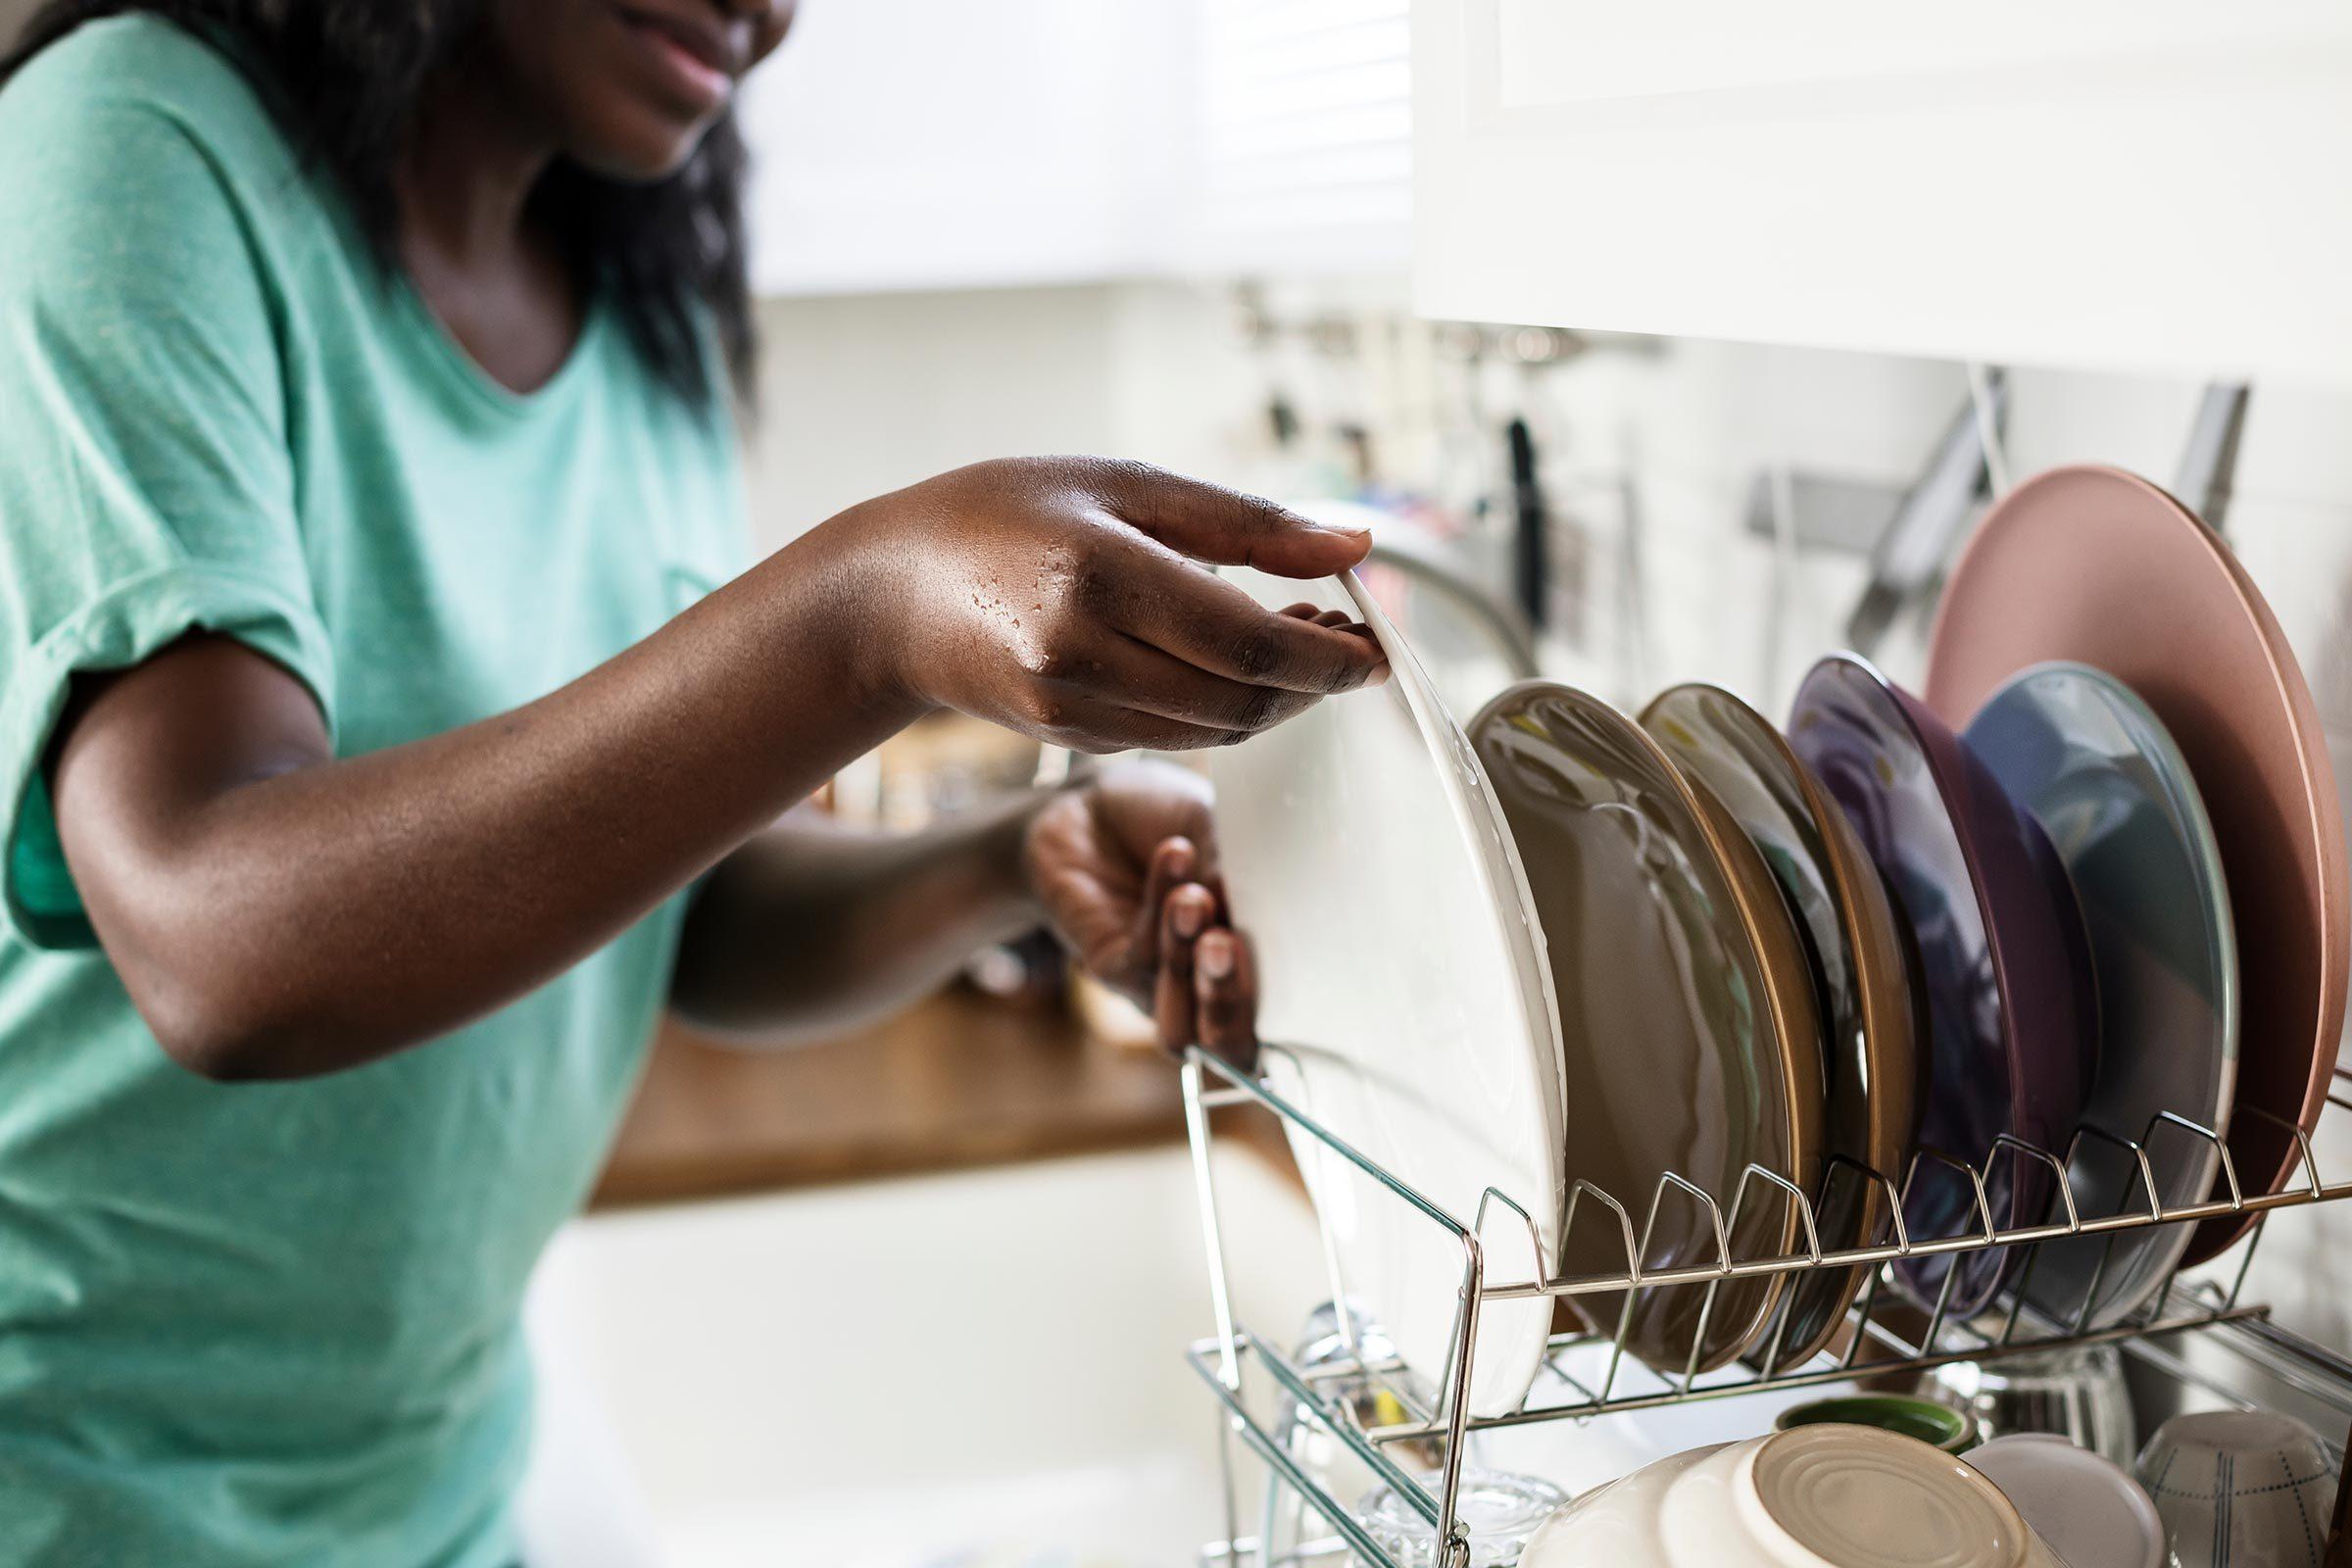 washing dishes hands kitchen sink